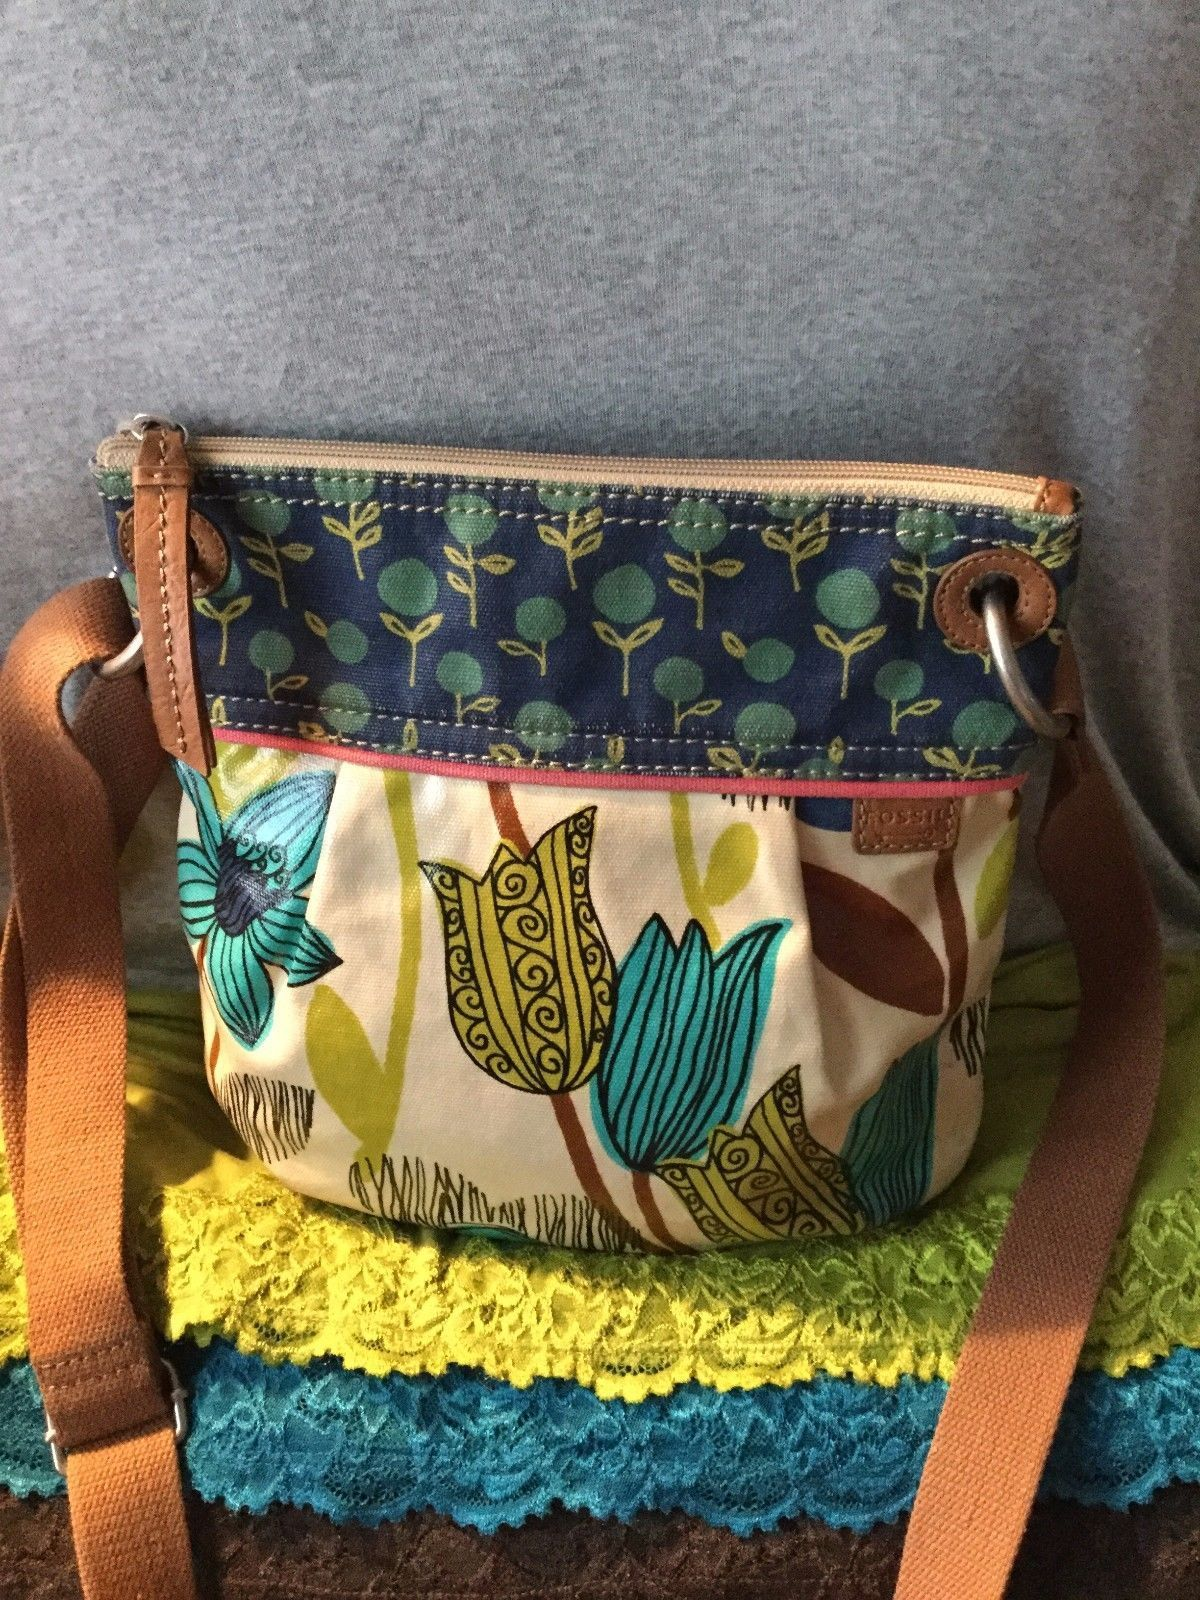 Fossil Keyper Xbody Black White Daftar Harga Terkini Dan Termurah Cross Body Calypso Blue Multi Floral Coated Canvas Shoulder Bag Zip X Just 78 Freeship